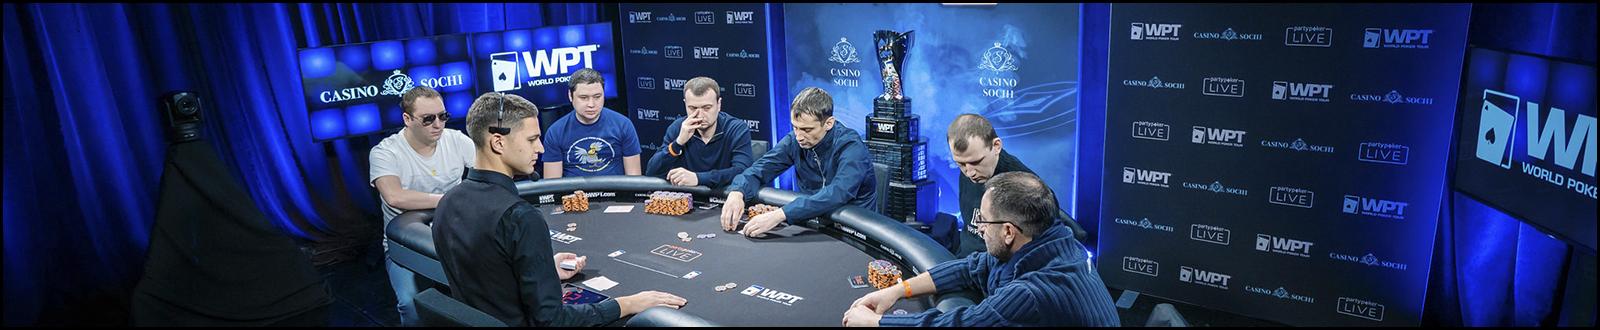 Казино сочи покер онлайн лучшие казино с клиентами